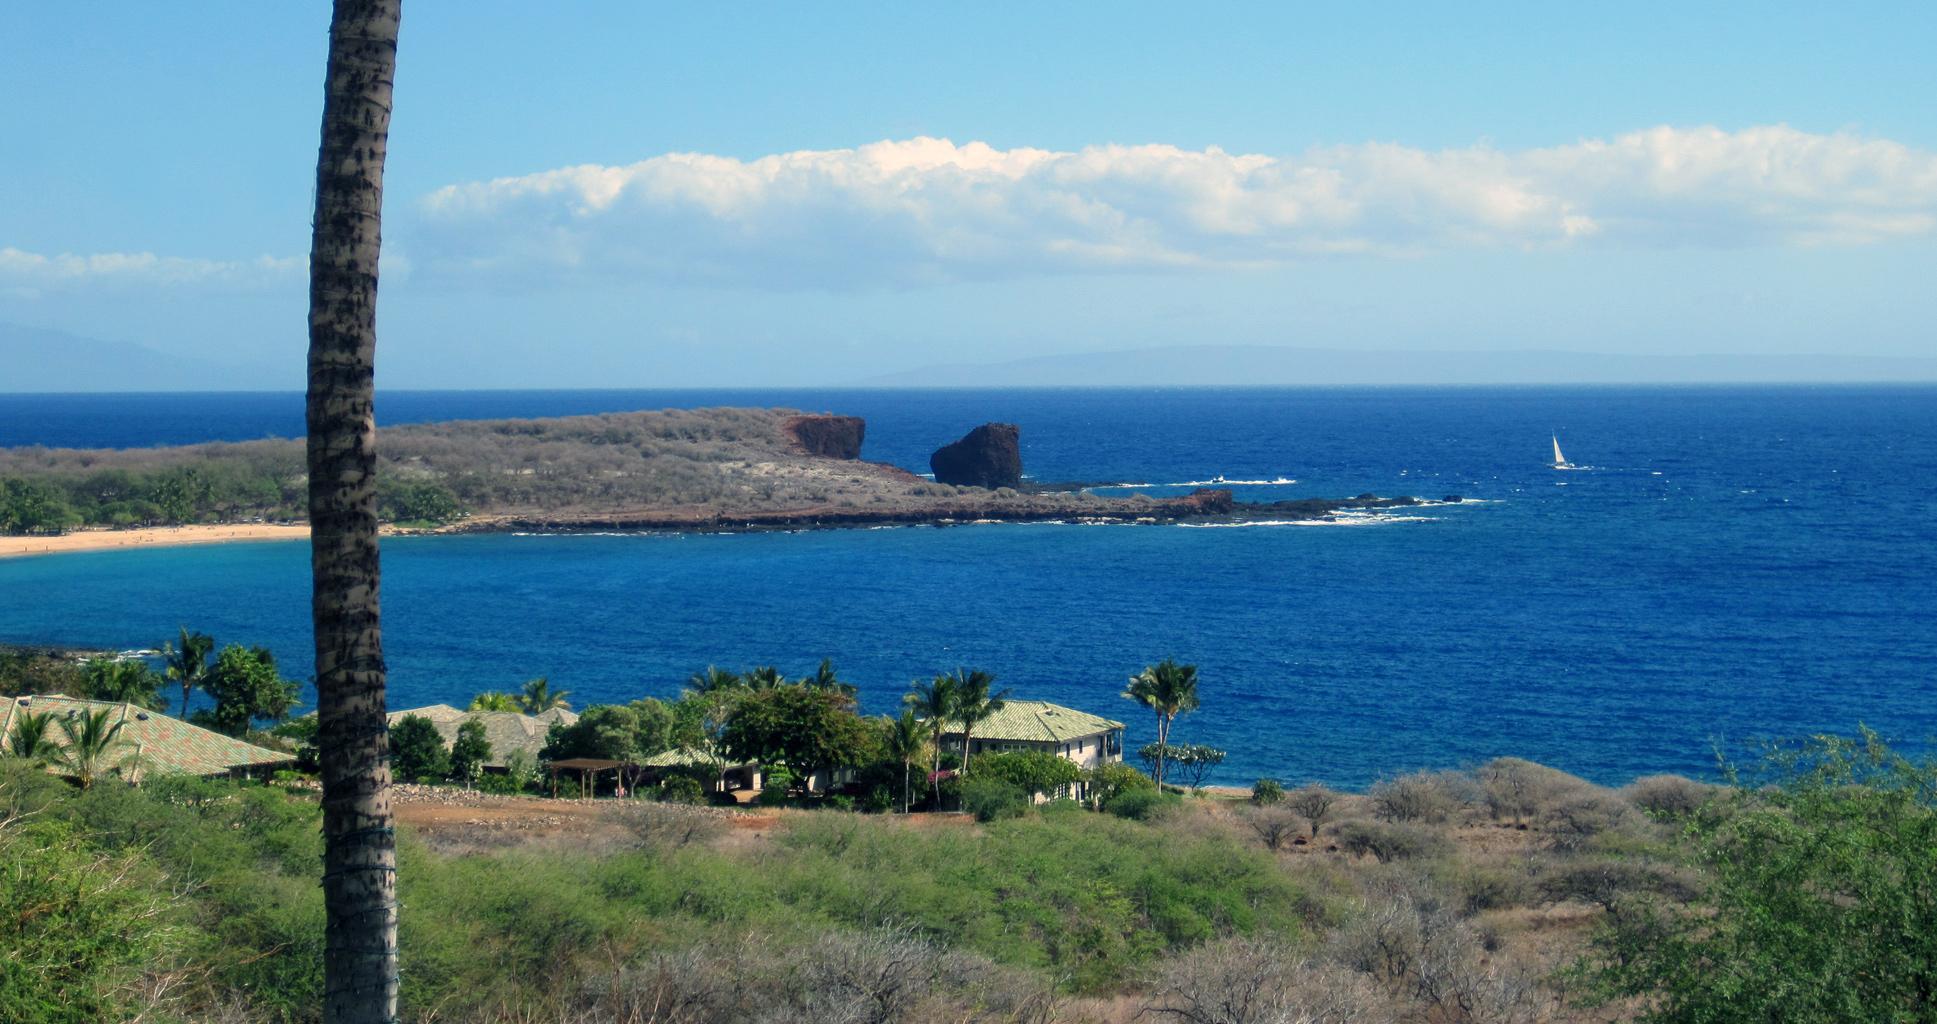 Le milliardaire qui jouait à Dieu sur une île hawaïenne